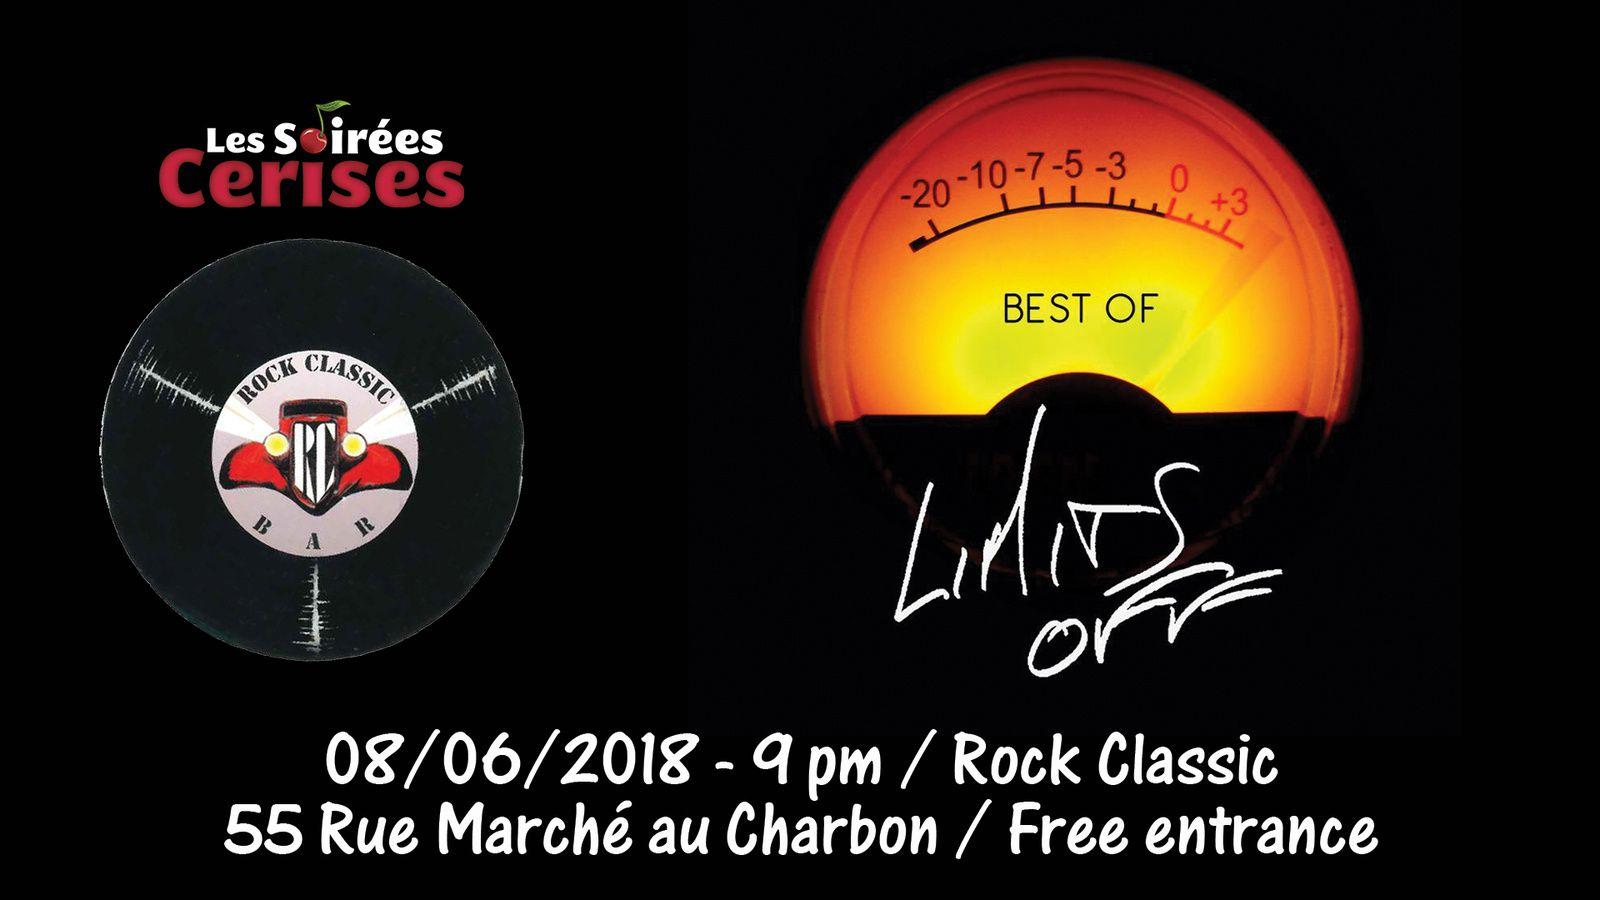 Limits off (F) @ Rock Classic 08/06/2018 - 21h00 - Entrée gratuite / Free entrance !